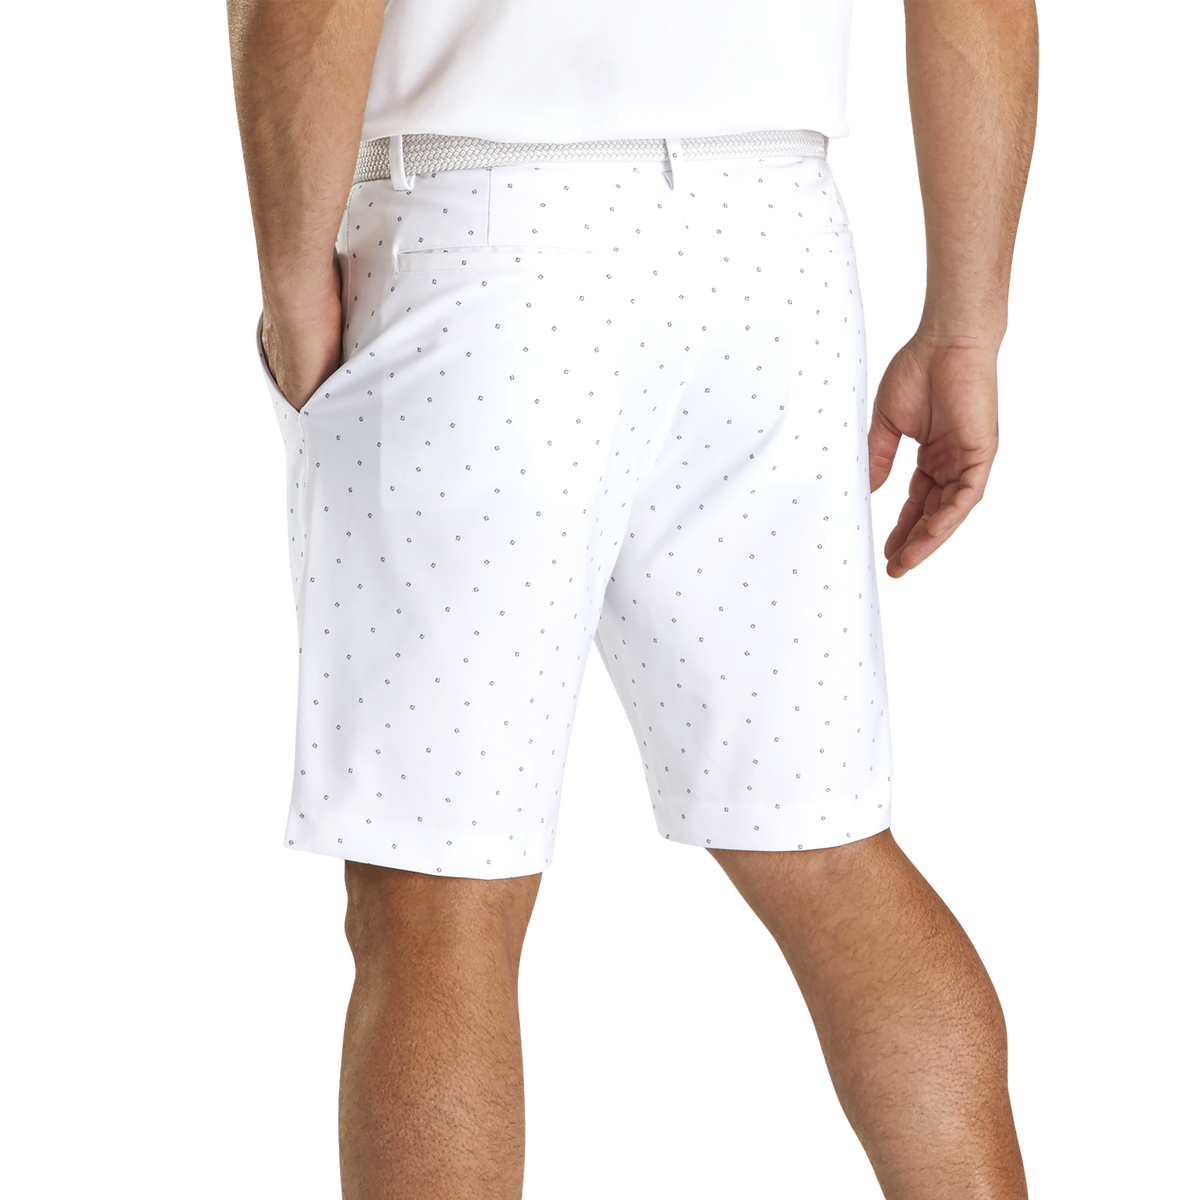 FJ Print Shorts